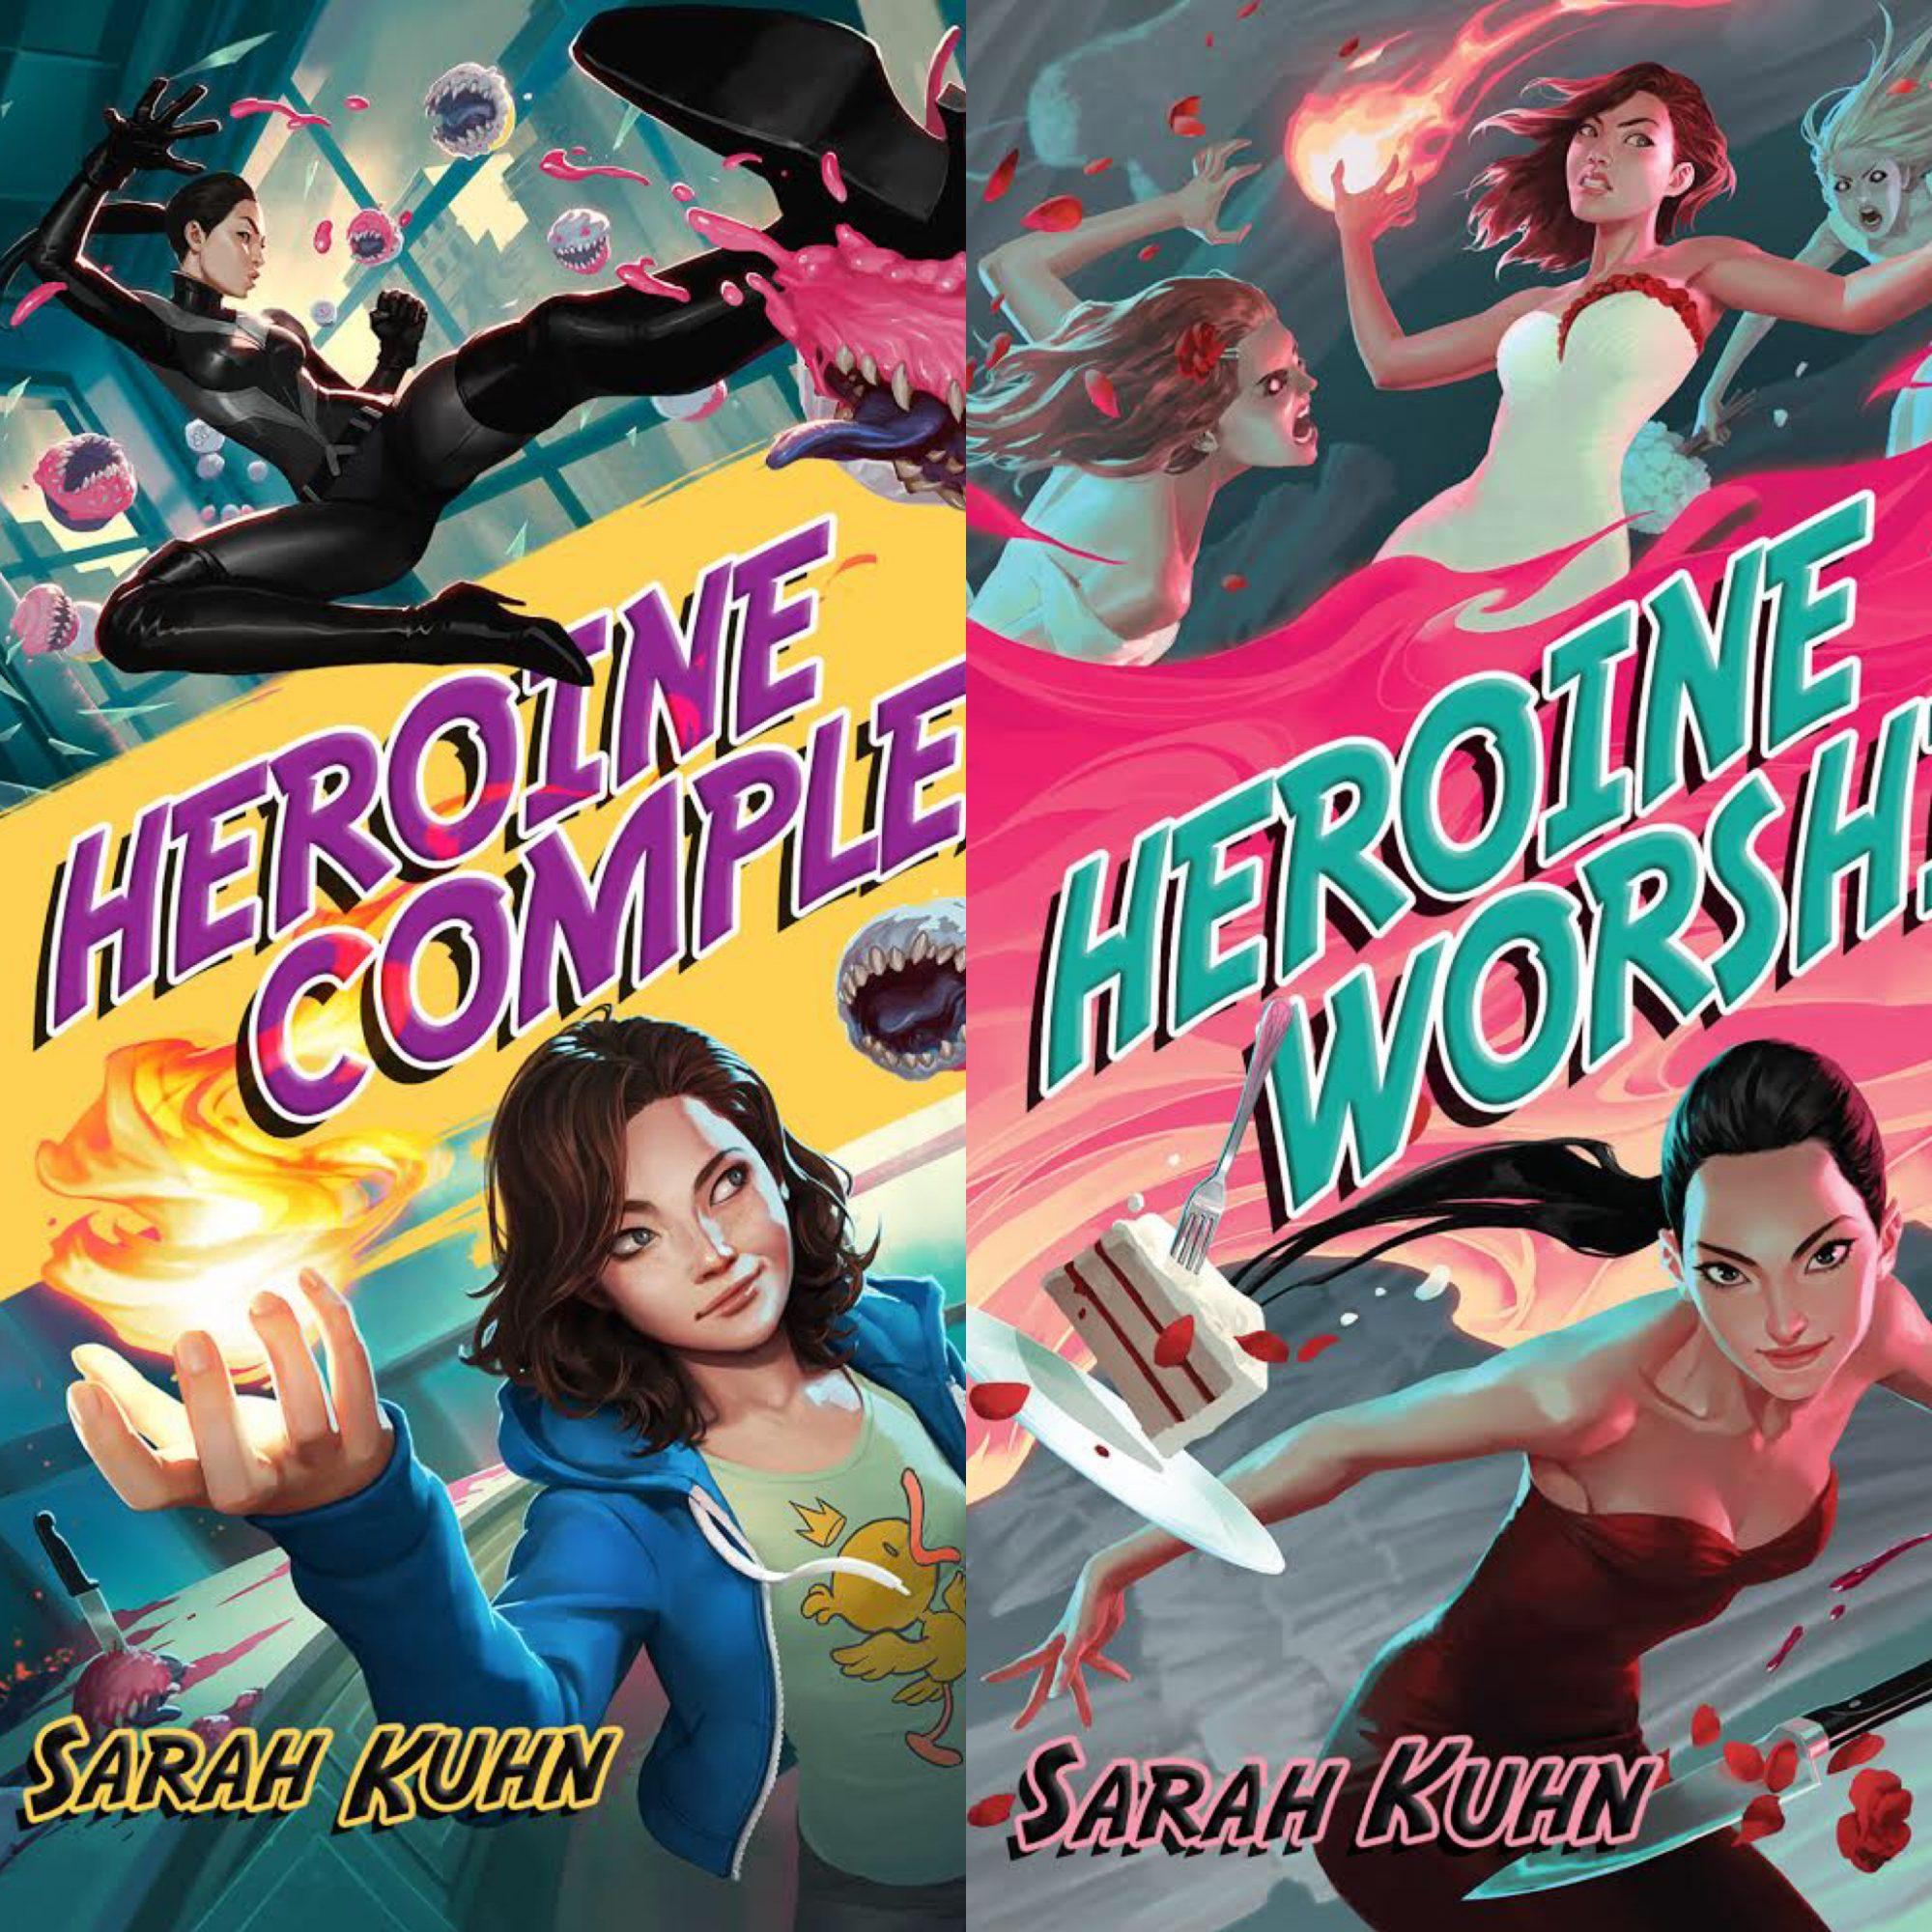 sarah-kuhn-heroine-covers.jpg